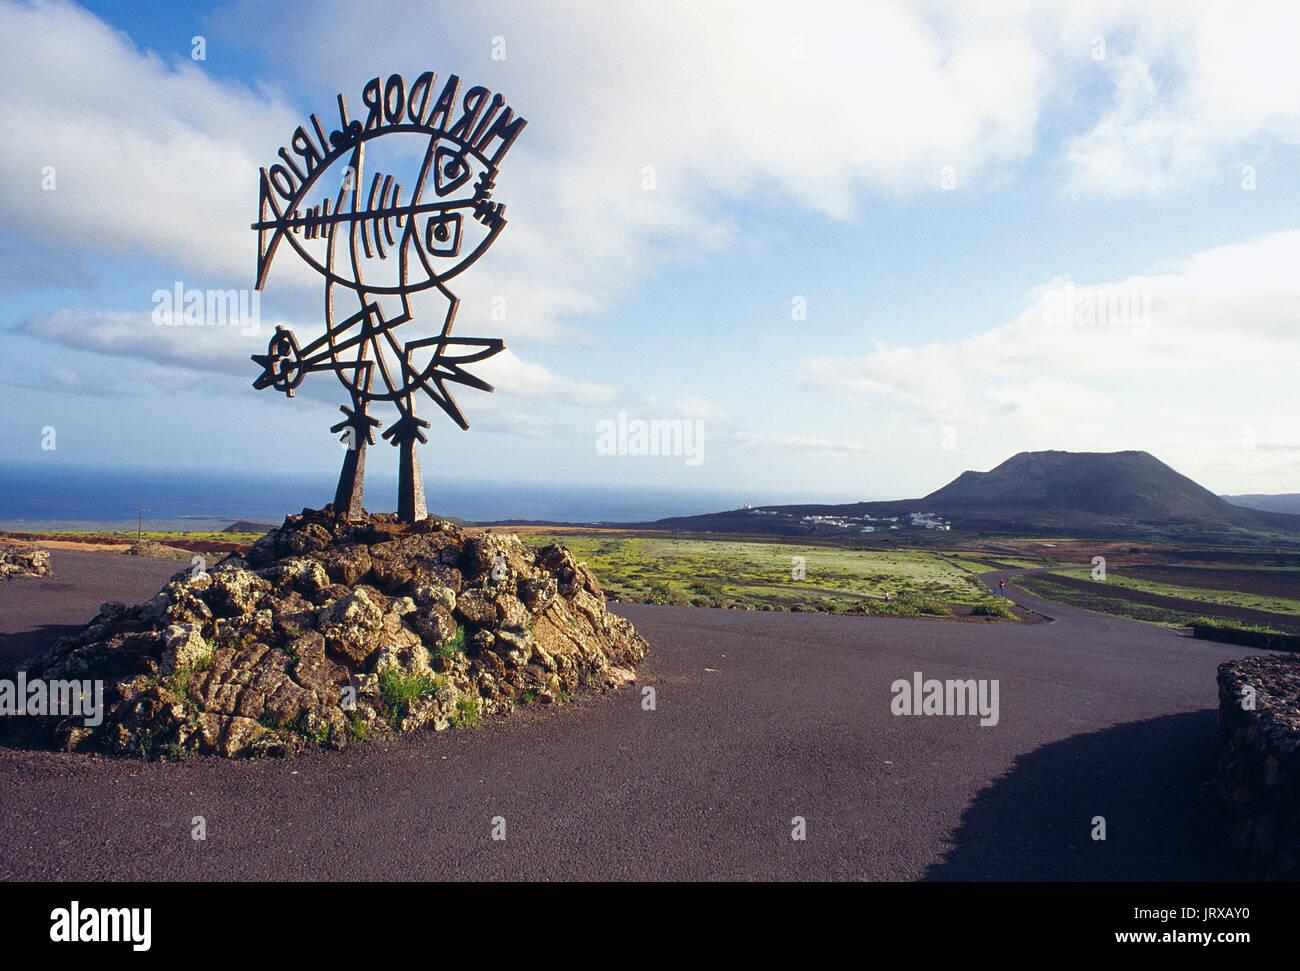 El Rio viewpoint. Lanzarote island, Canary Islands, Spain. - Stock Image